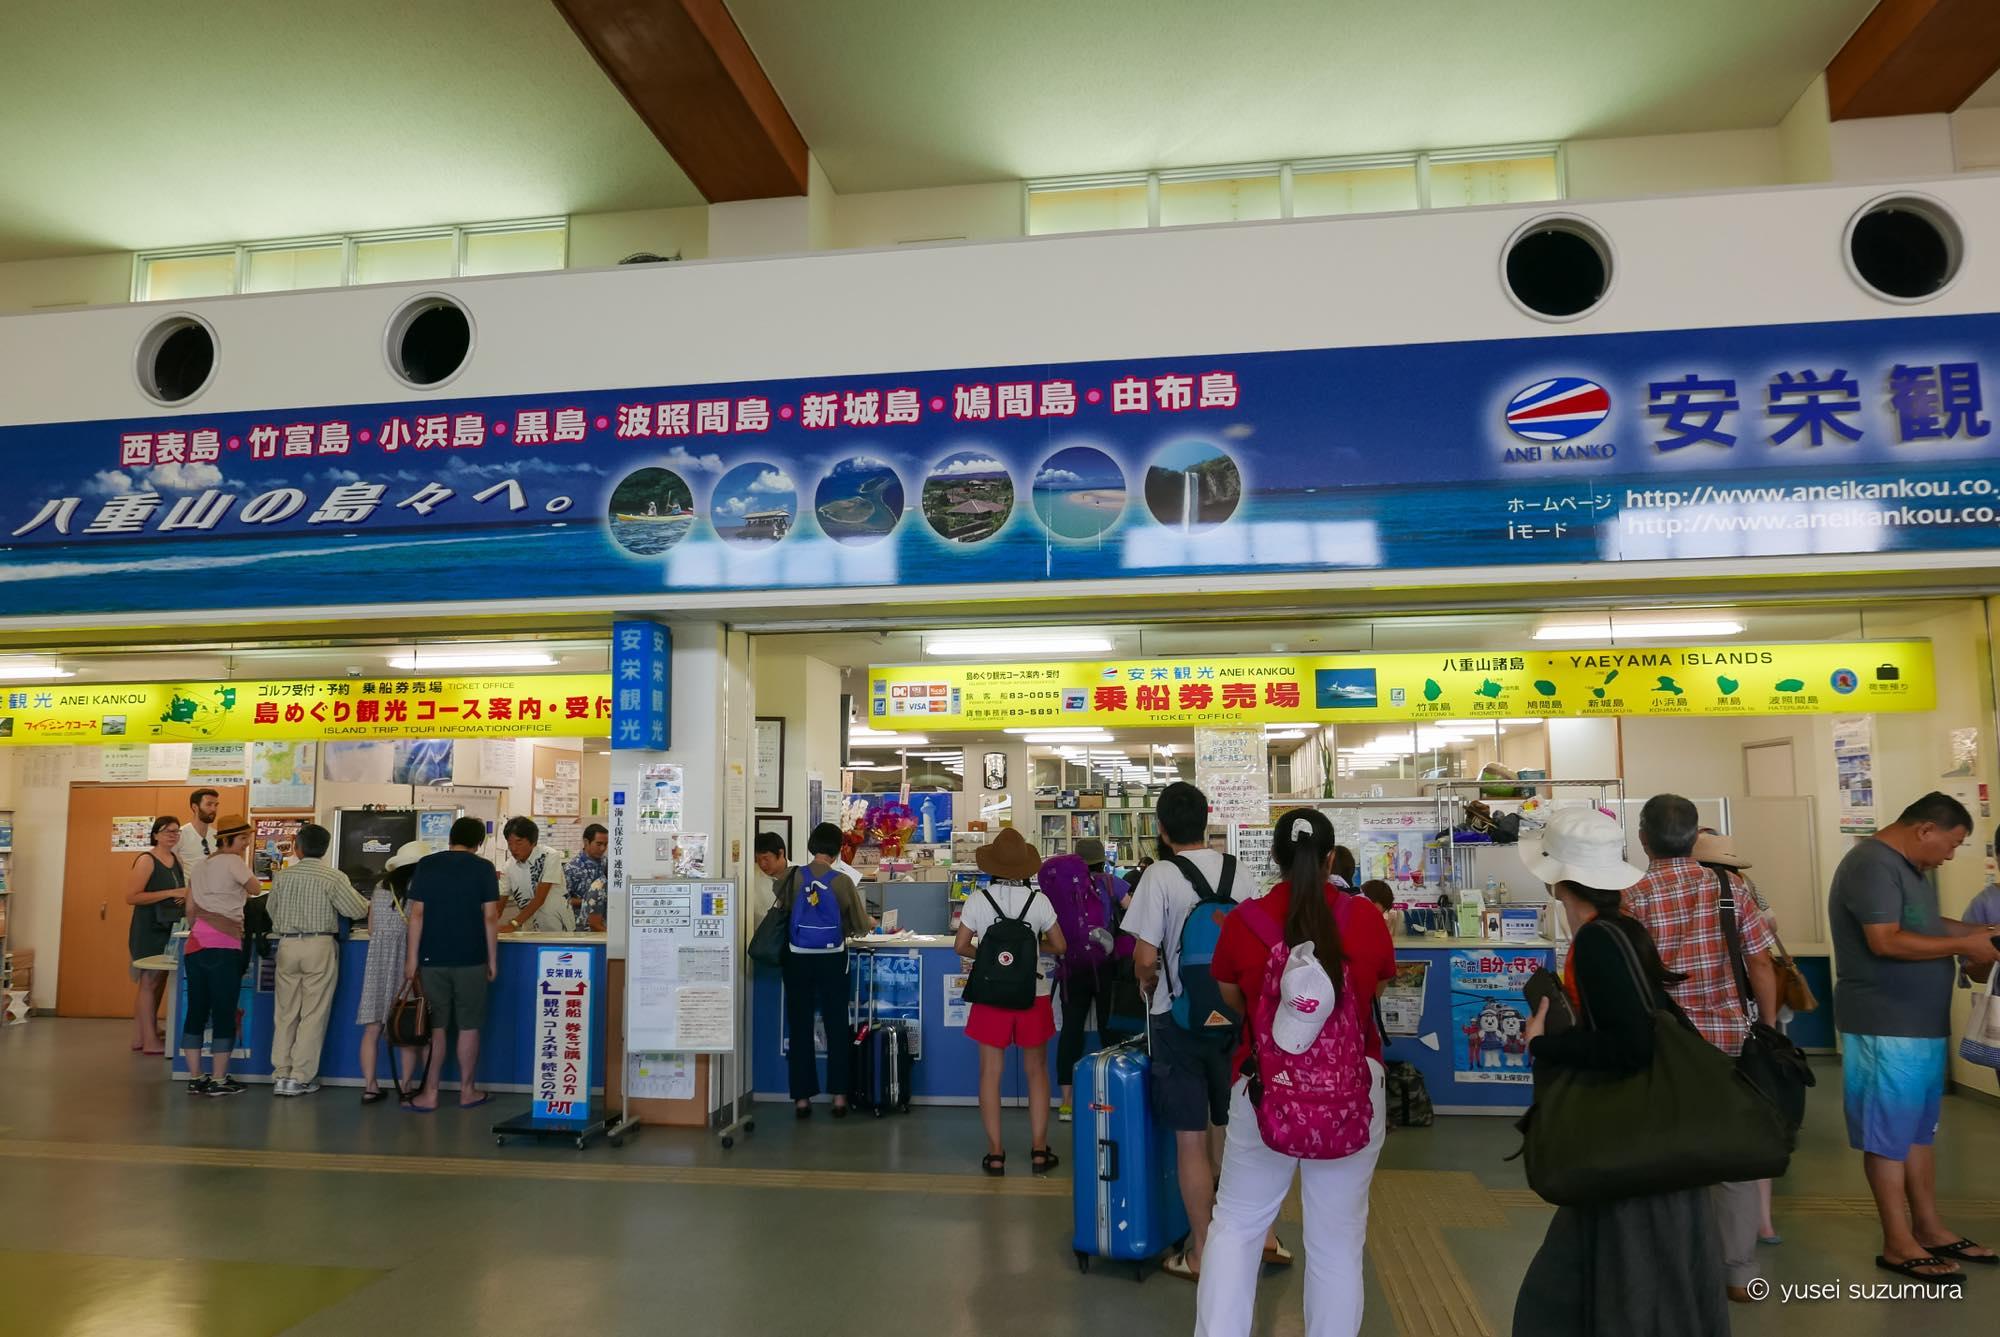 安栄観光 石垣離島ターミナル